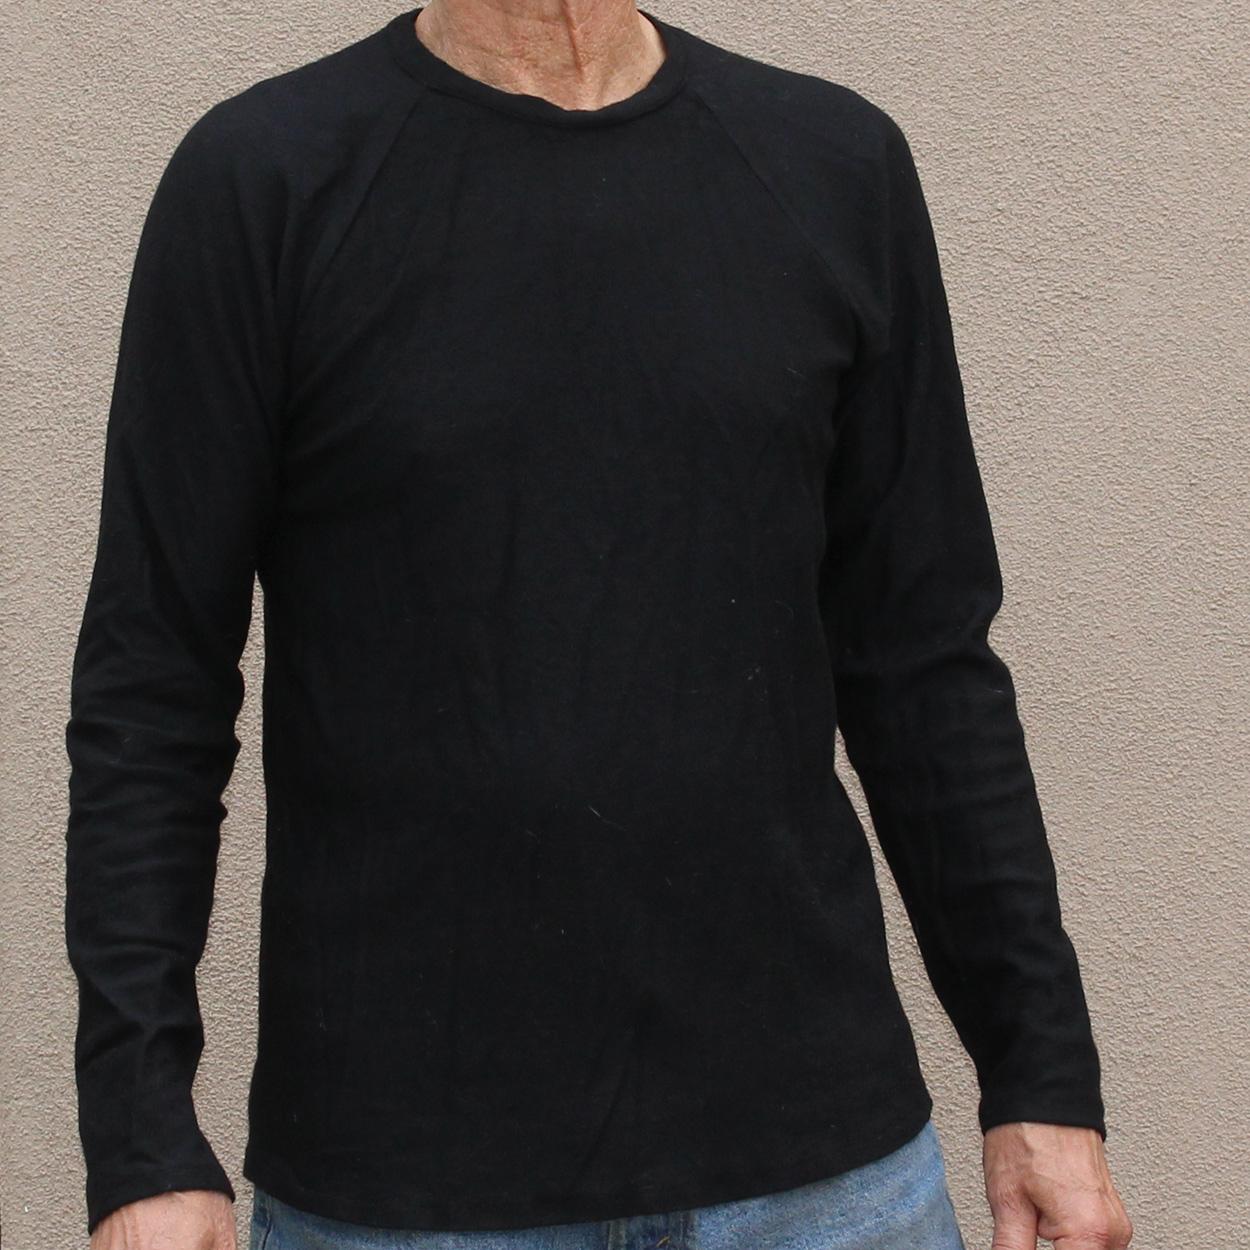 Merino jersey